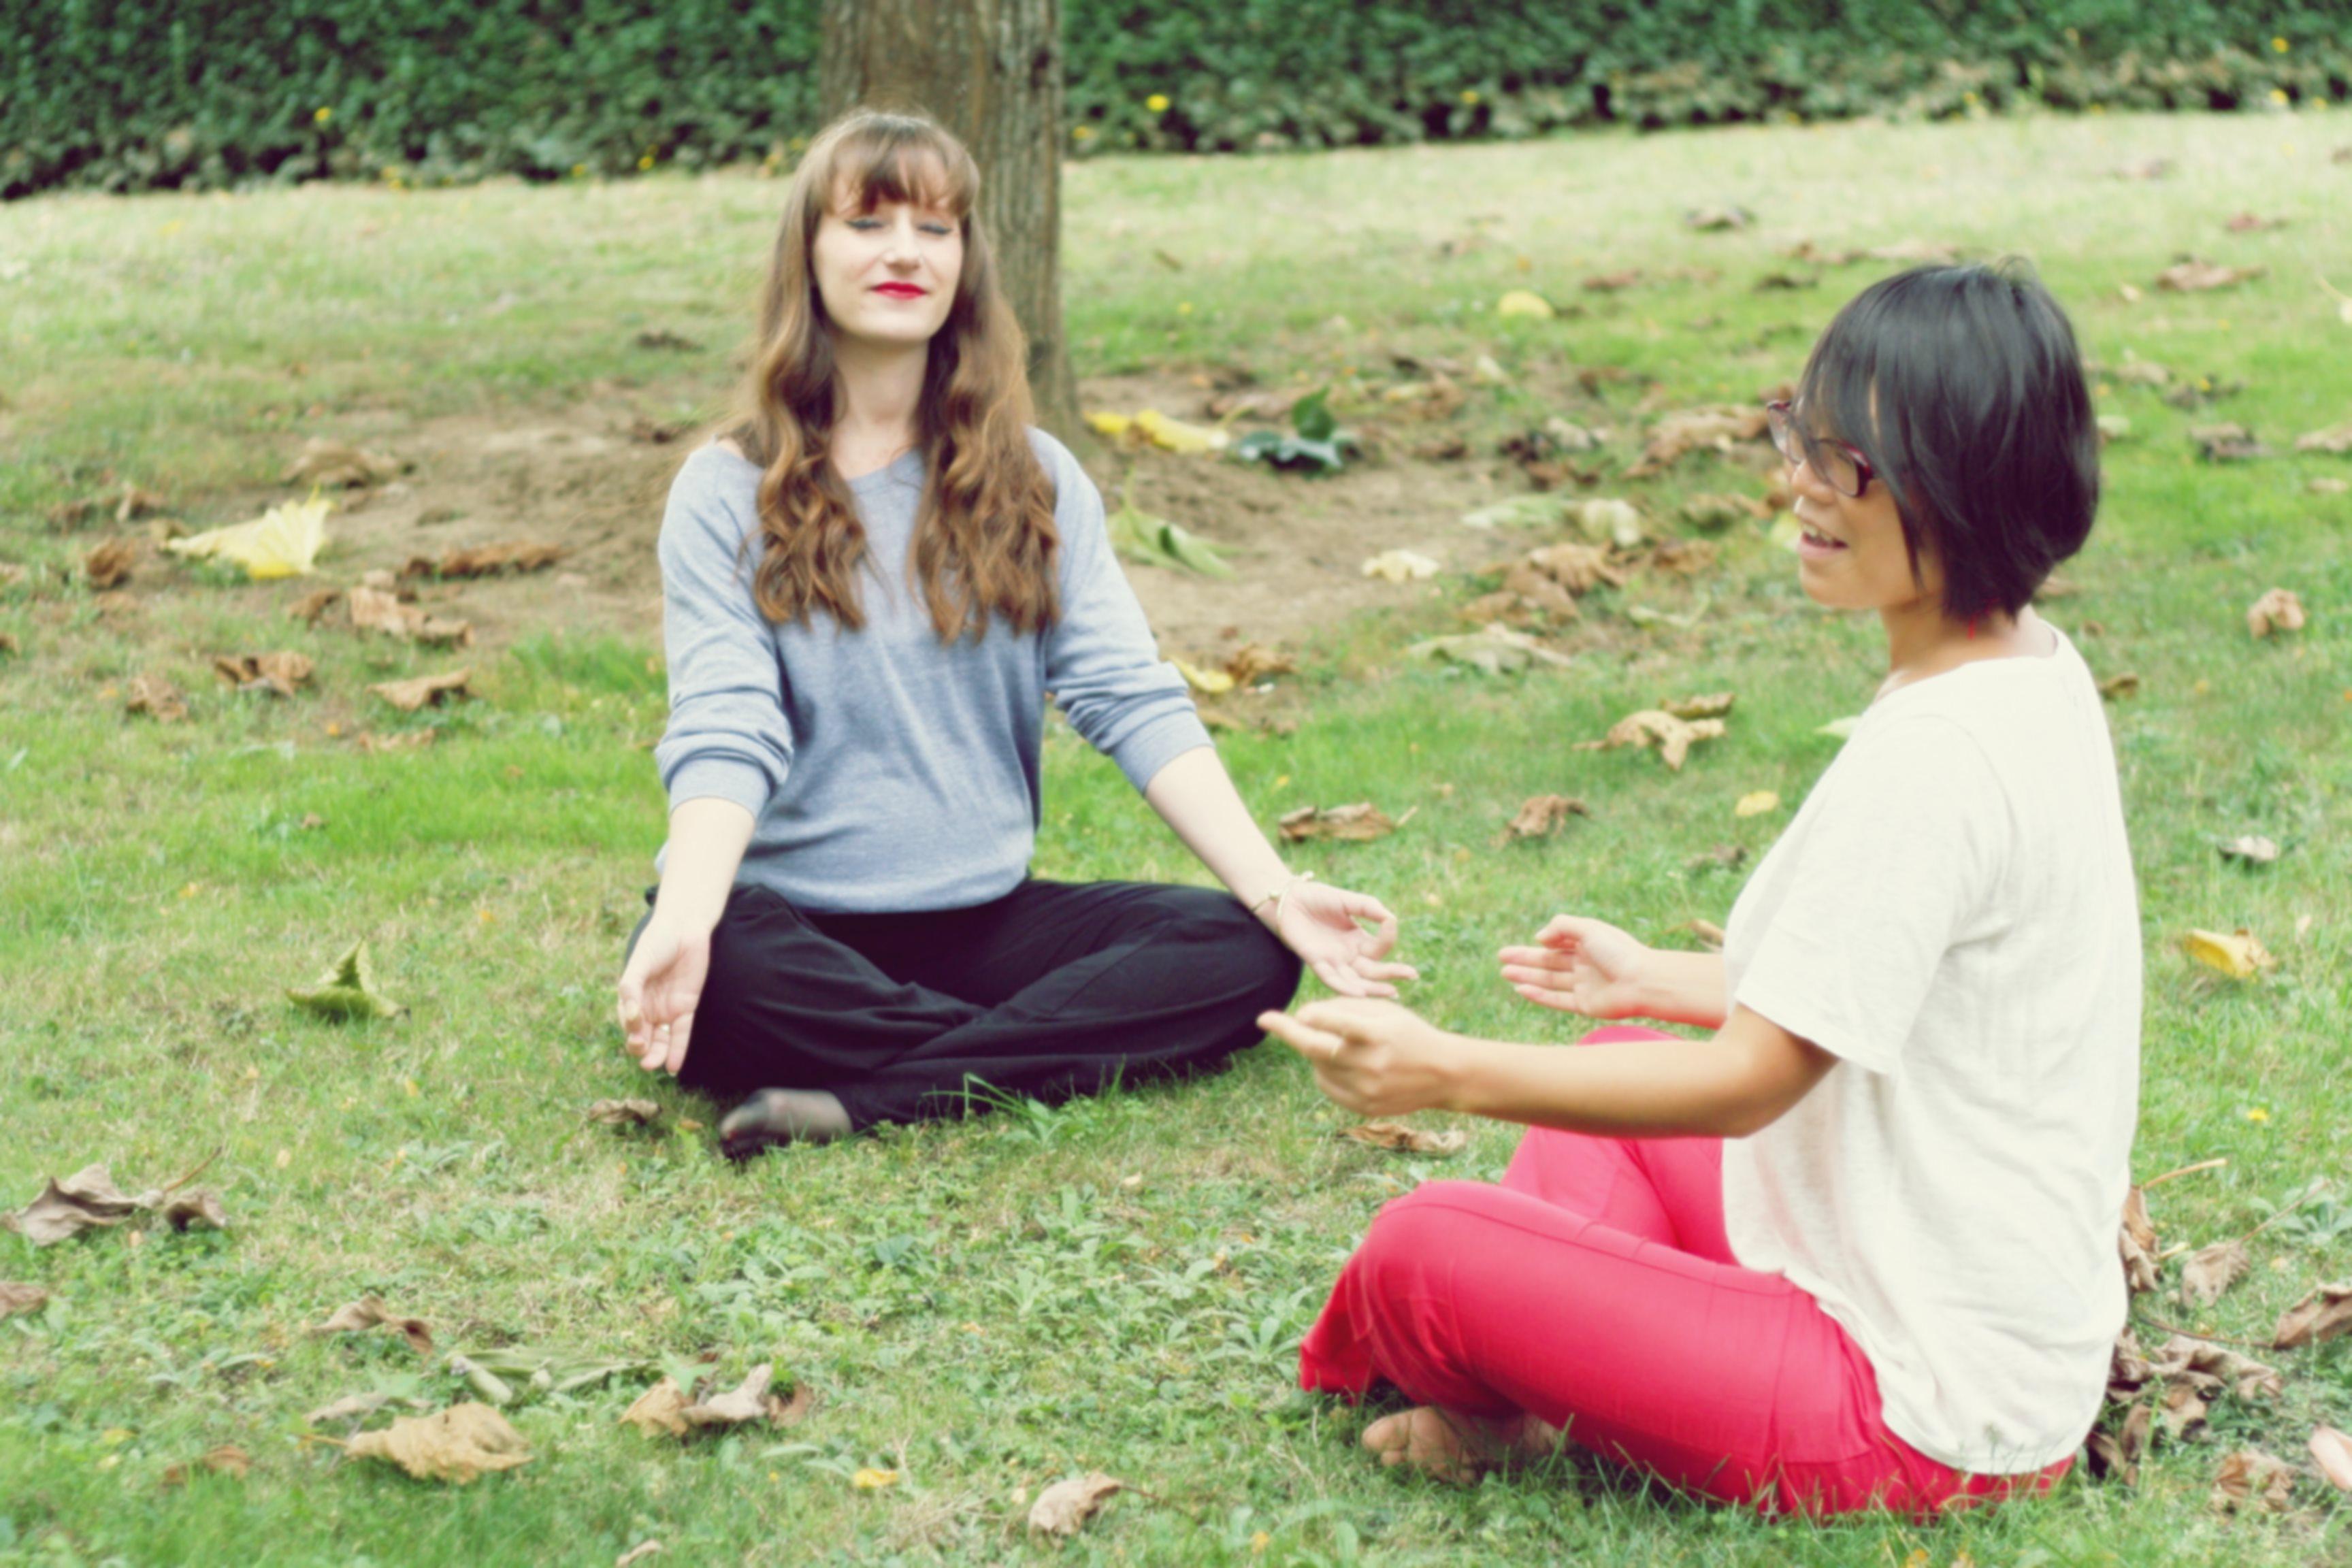 cours de yoga prive-aurelia-blog-mode